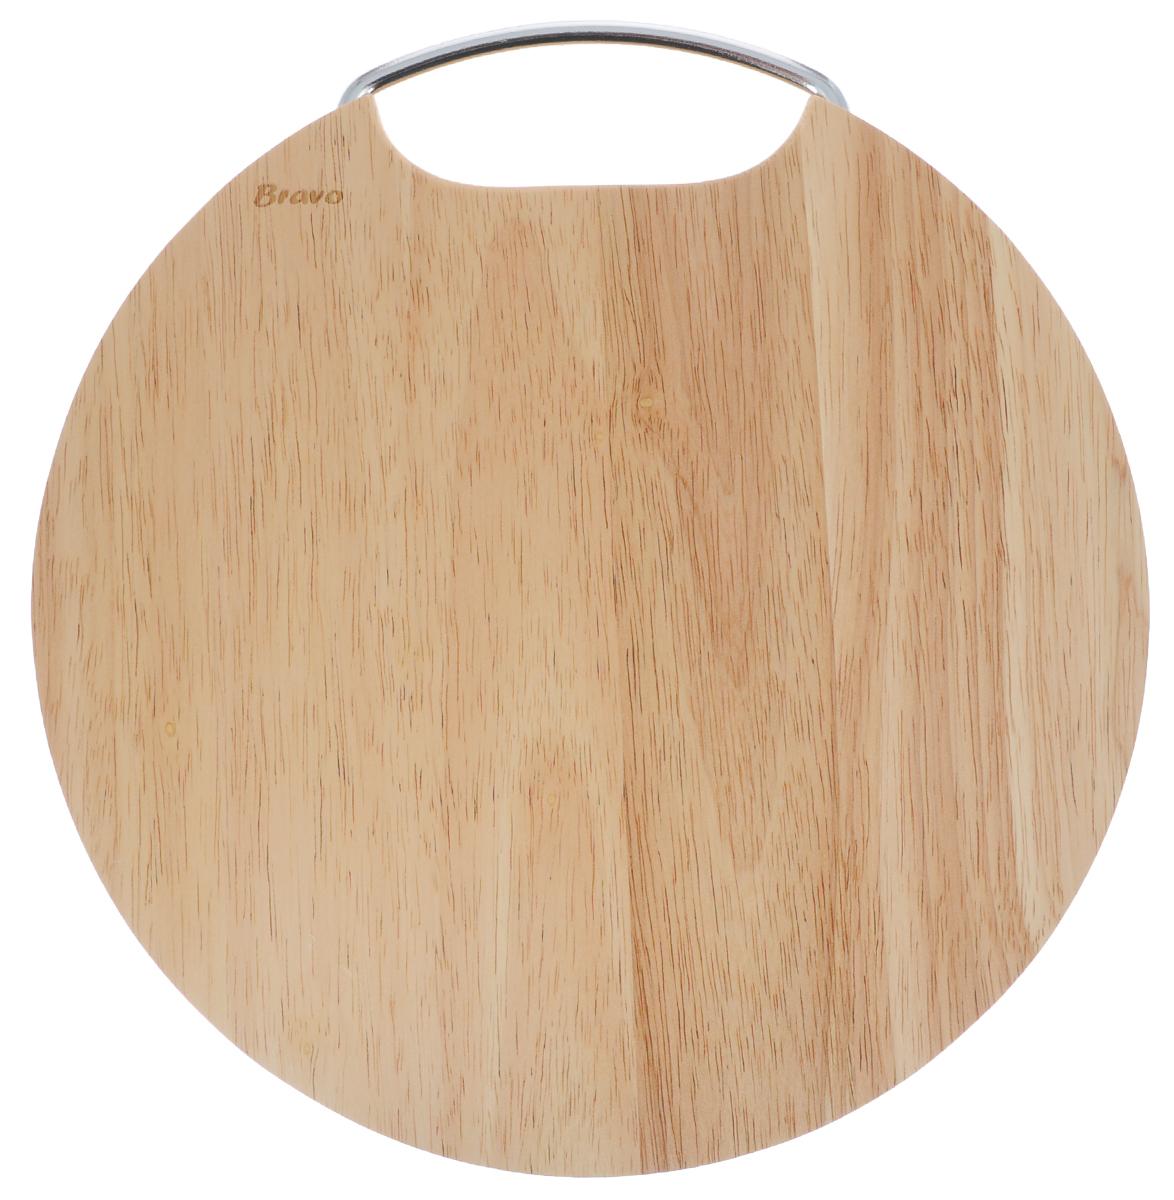 Доска разделочная Bravo, с ручкой, диаметр 28 см406Доска разделочная Bravo изготовлена из гевеи. Гевея входит в семейство элитного красного дерева. Изделия из этого дерева отличаются твердостью, долговечностью и стойкостью к гниению. Доска оснащена металлической ручкой. Функциональная и простая в использовании, разделочная доска Bravo прекрасно впишется в интерьер любой кухни и прослужит вам долгие годы. Не рекомендуется мыть в посудомоечной машине. Диаметр доски: 28 см. Толщина доски: 2 см.